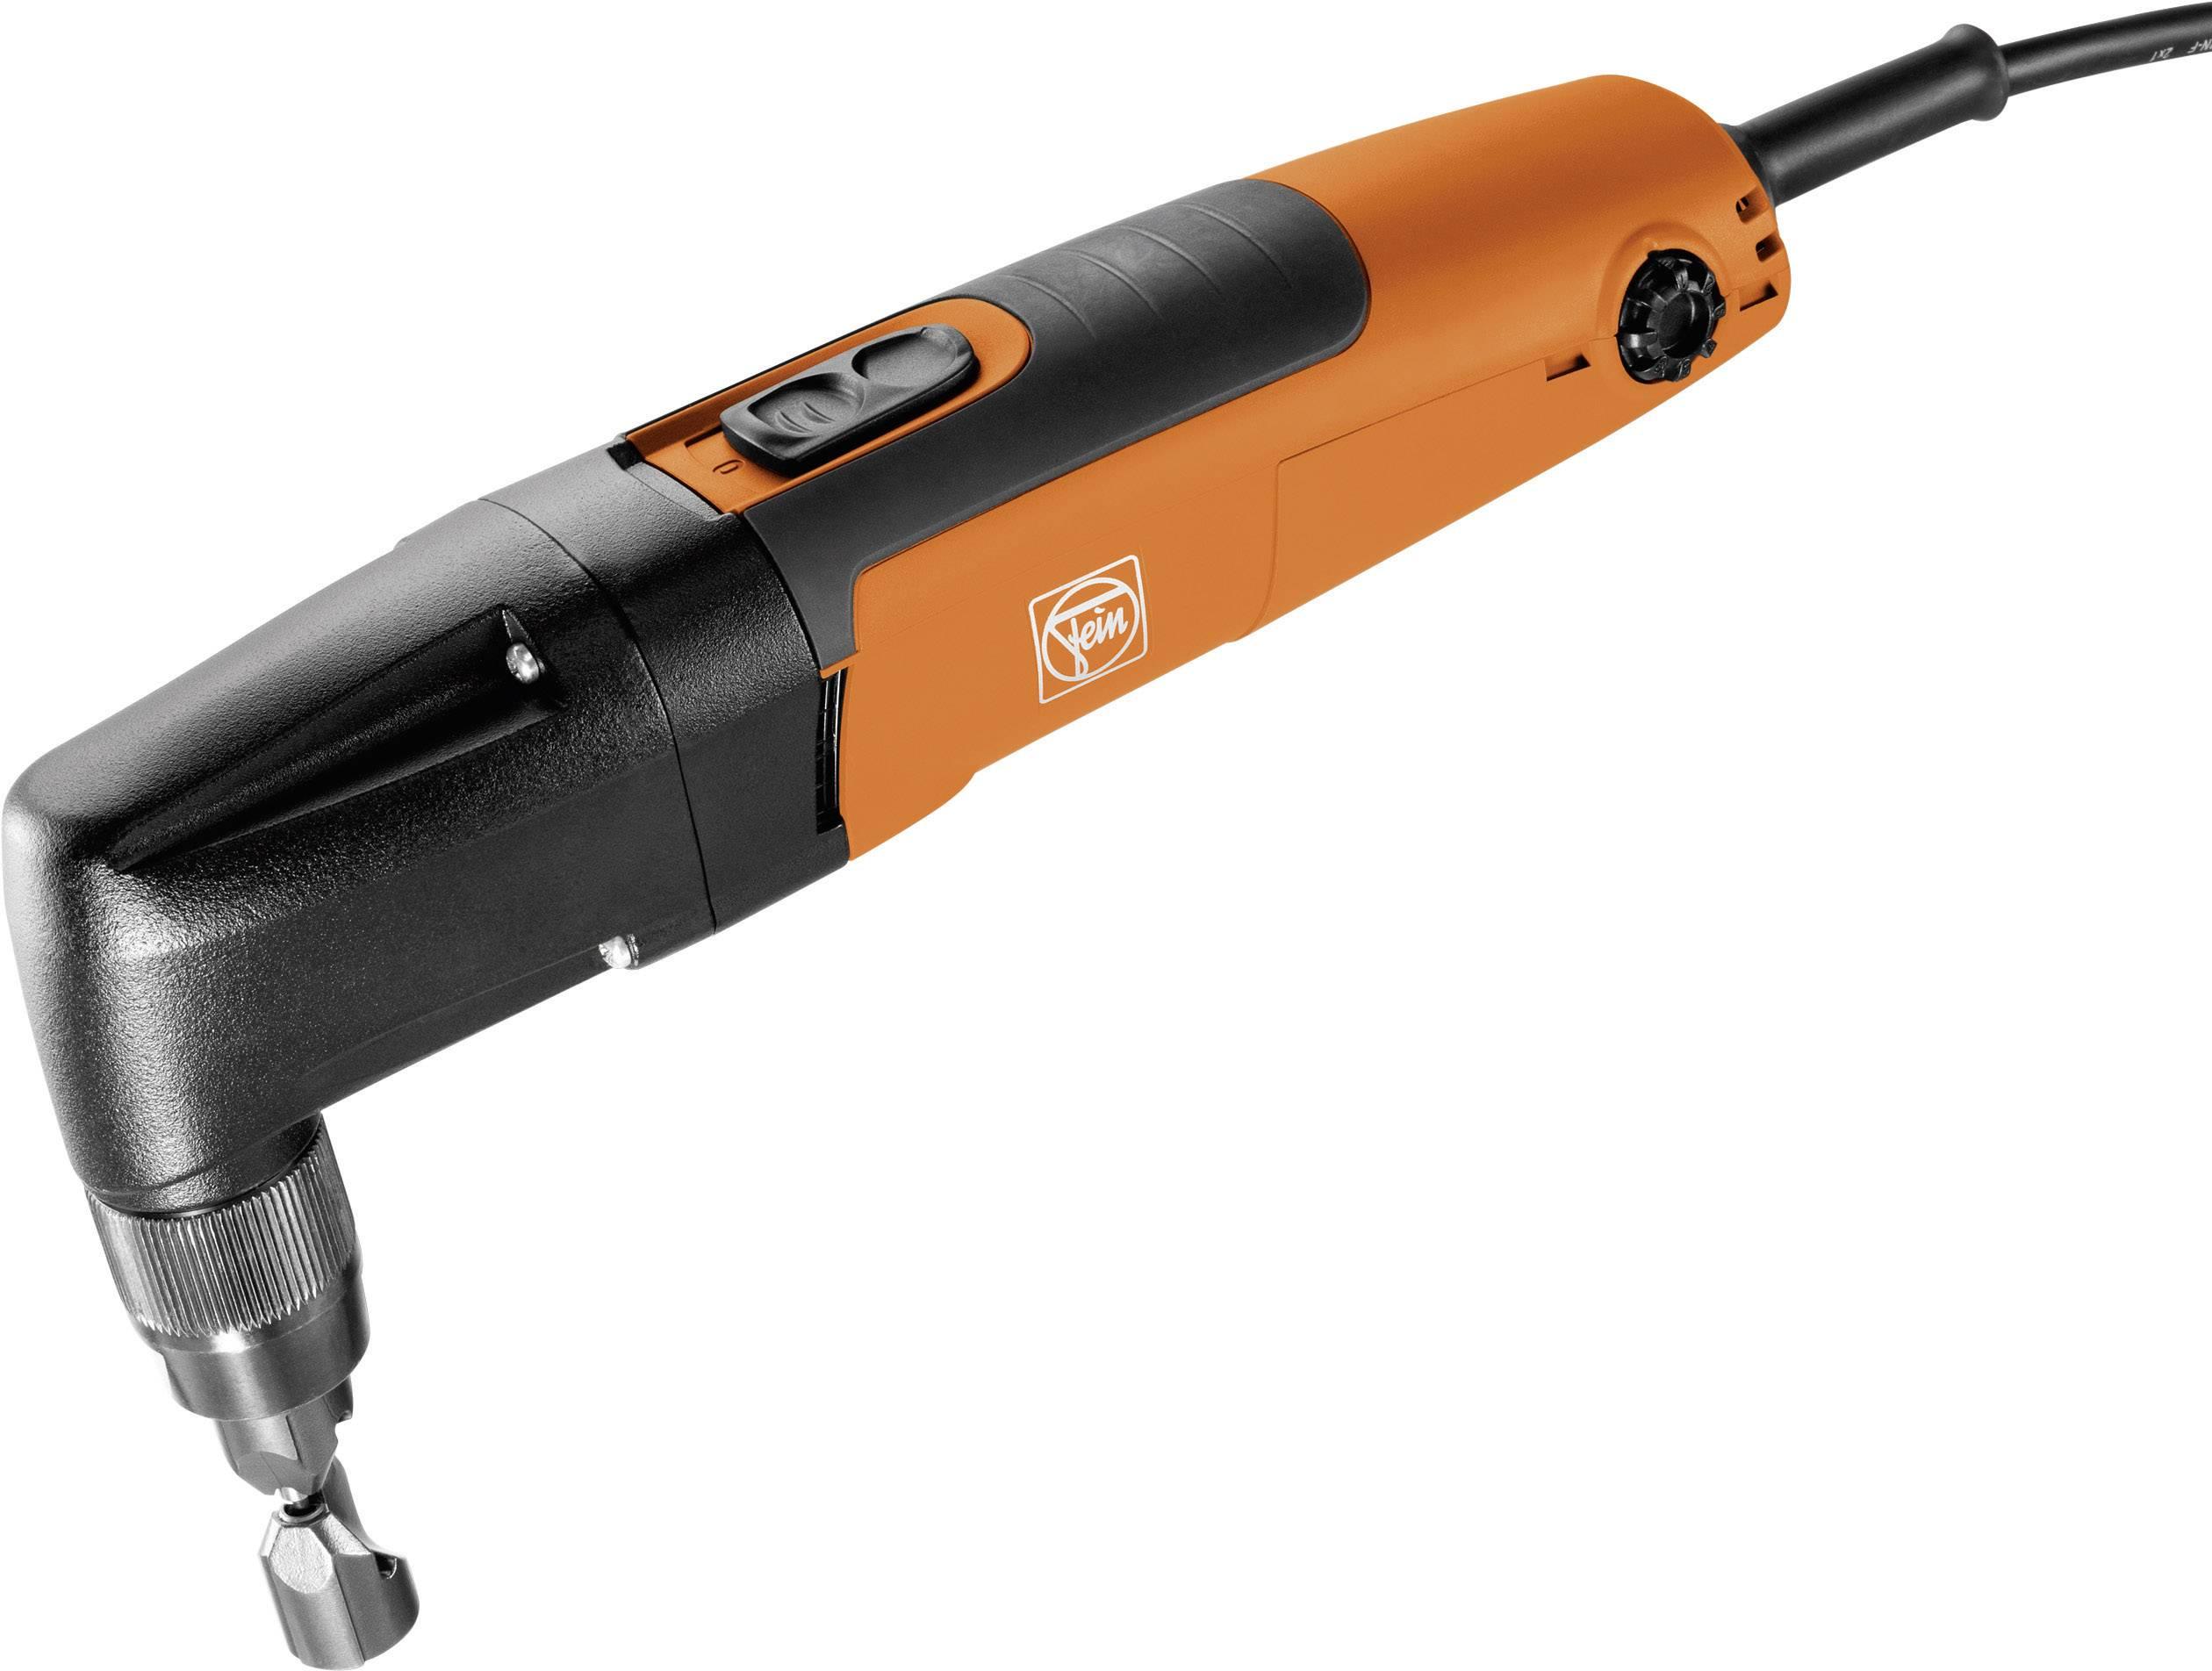 Prostřihovací nůžky, Fein BLK 1.6 E, 350 W, 1500 /min